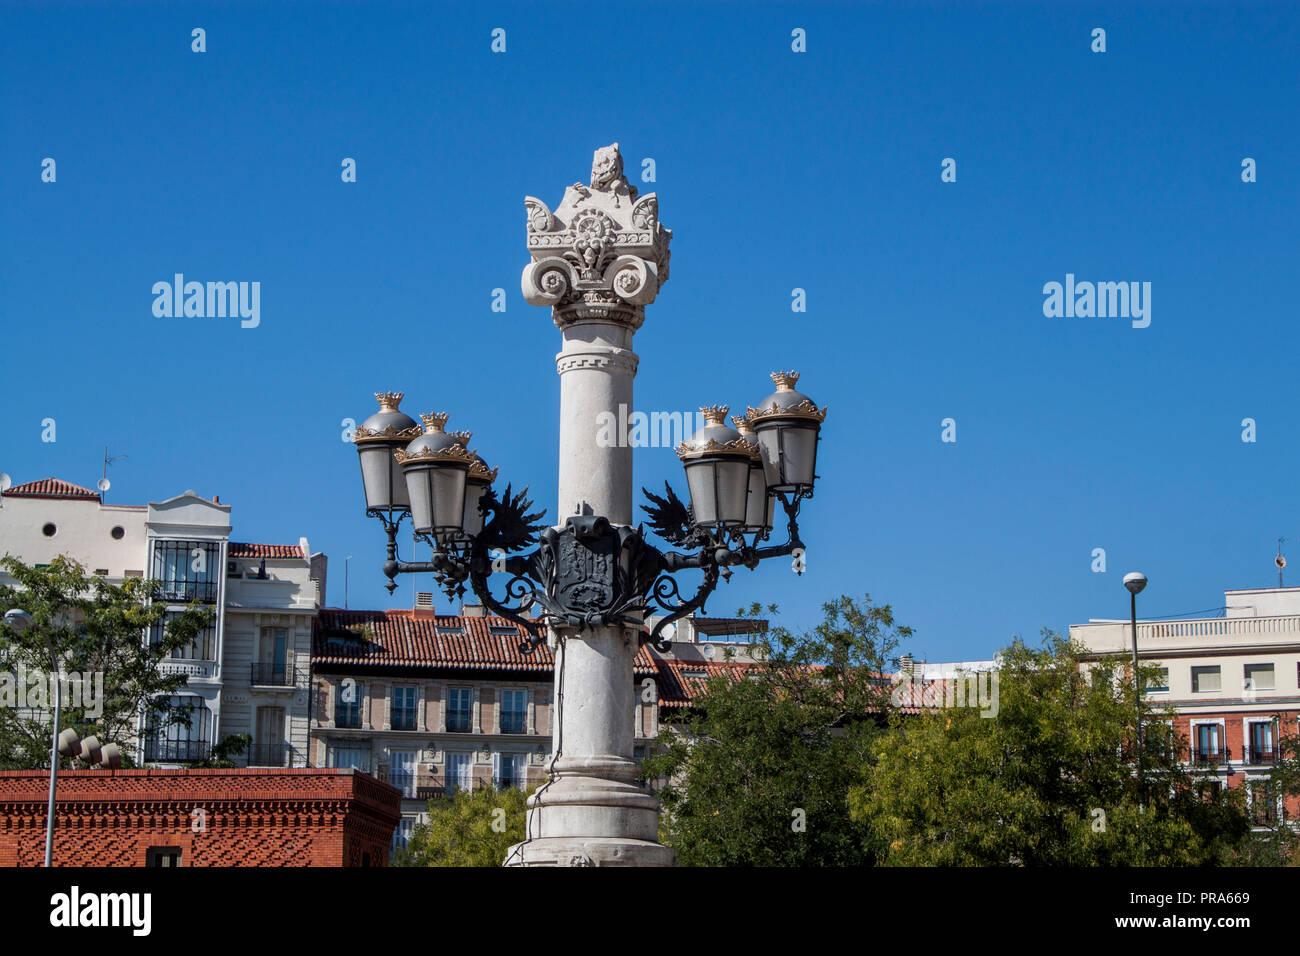 Vecchia strada lampada del Parco del Buen Retiro (Parque del Buen Retiro) nel centro di Madrid, Spagna, Europa. Foto Stock